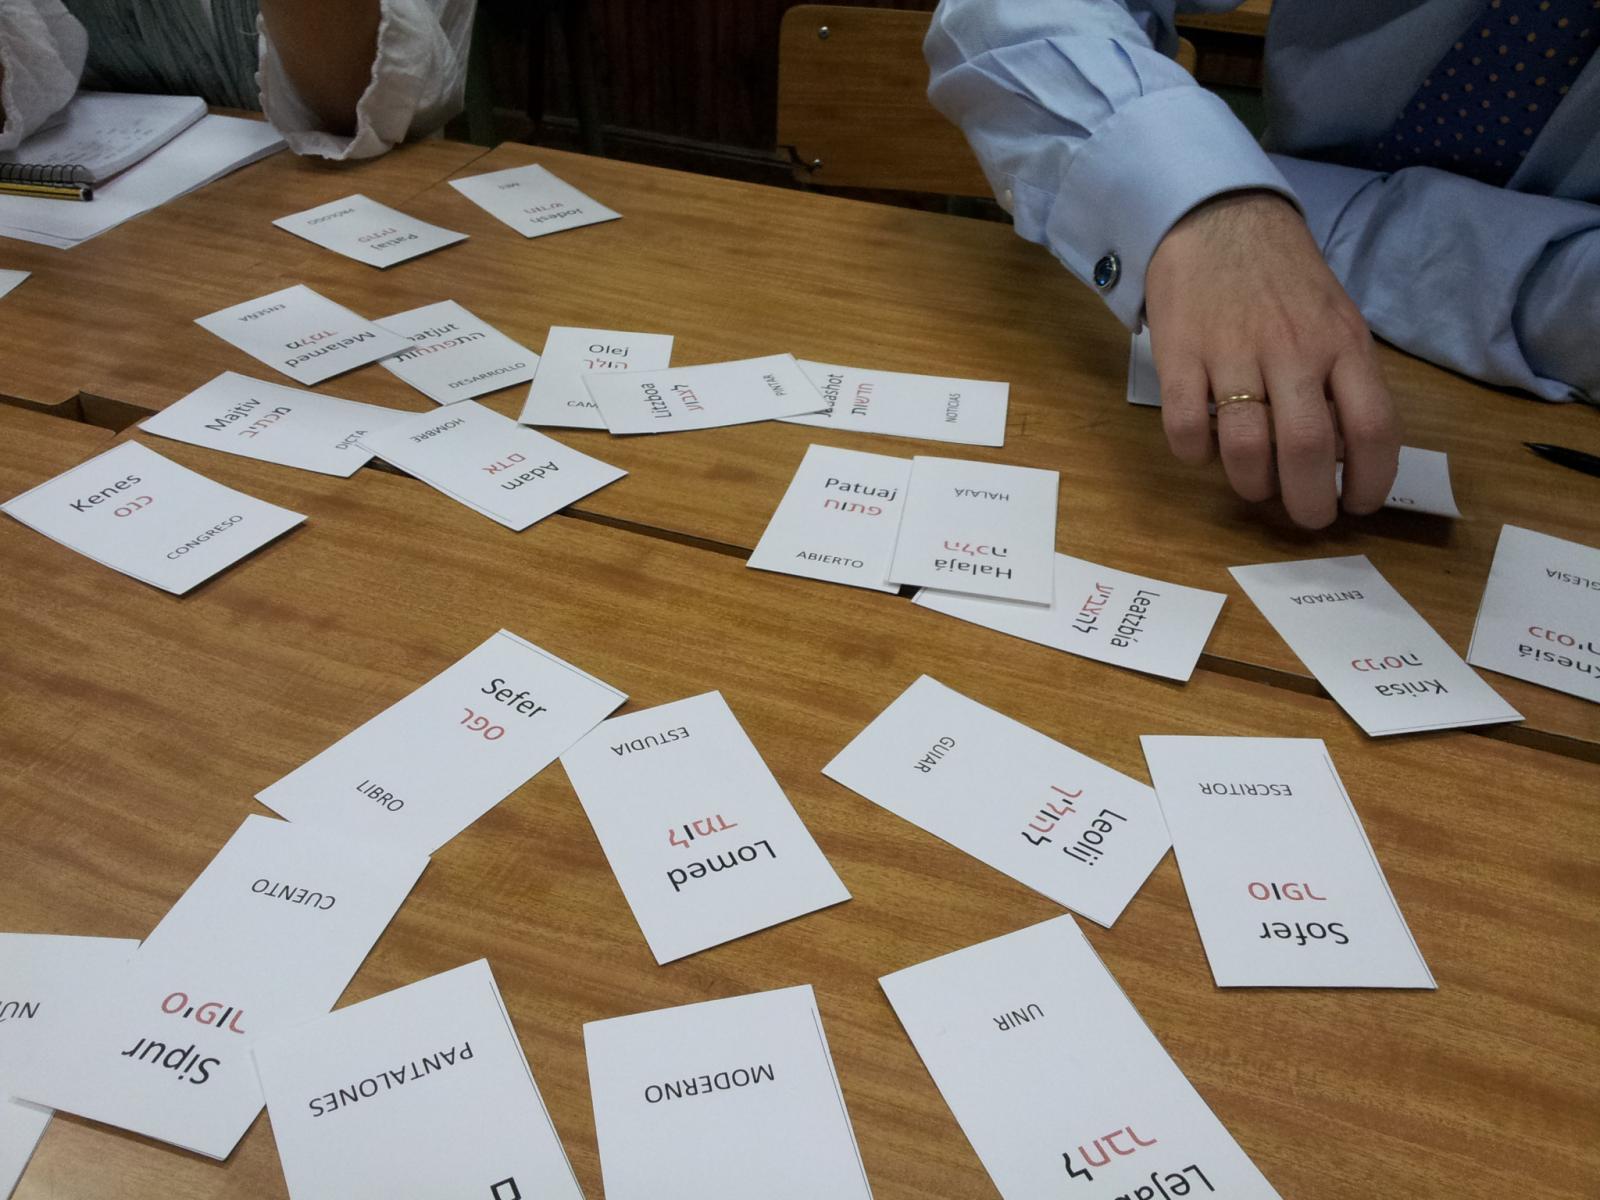 Taller de juegos y dinámicas en Hebreo - miércoles 5 de julio 18.30